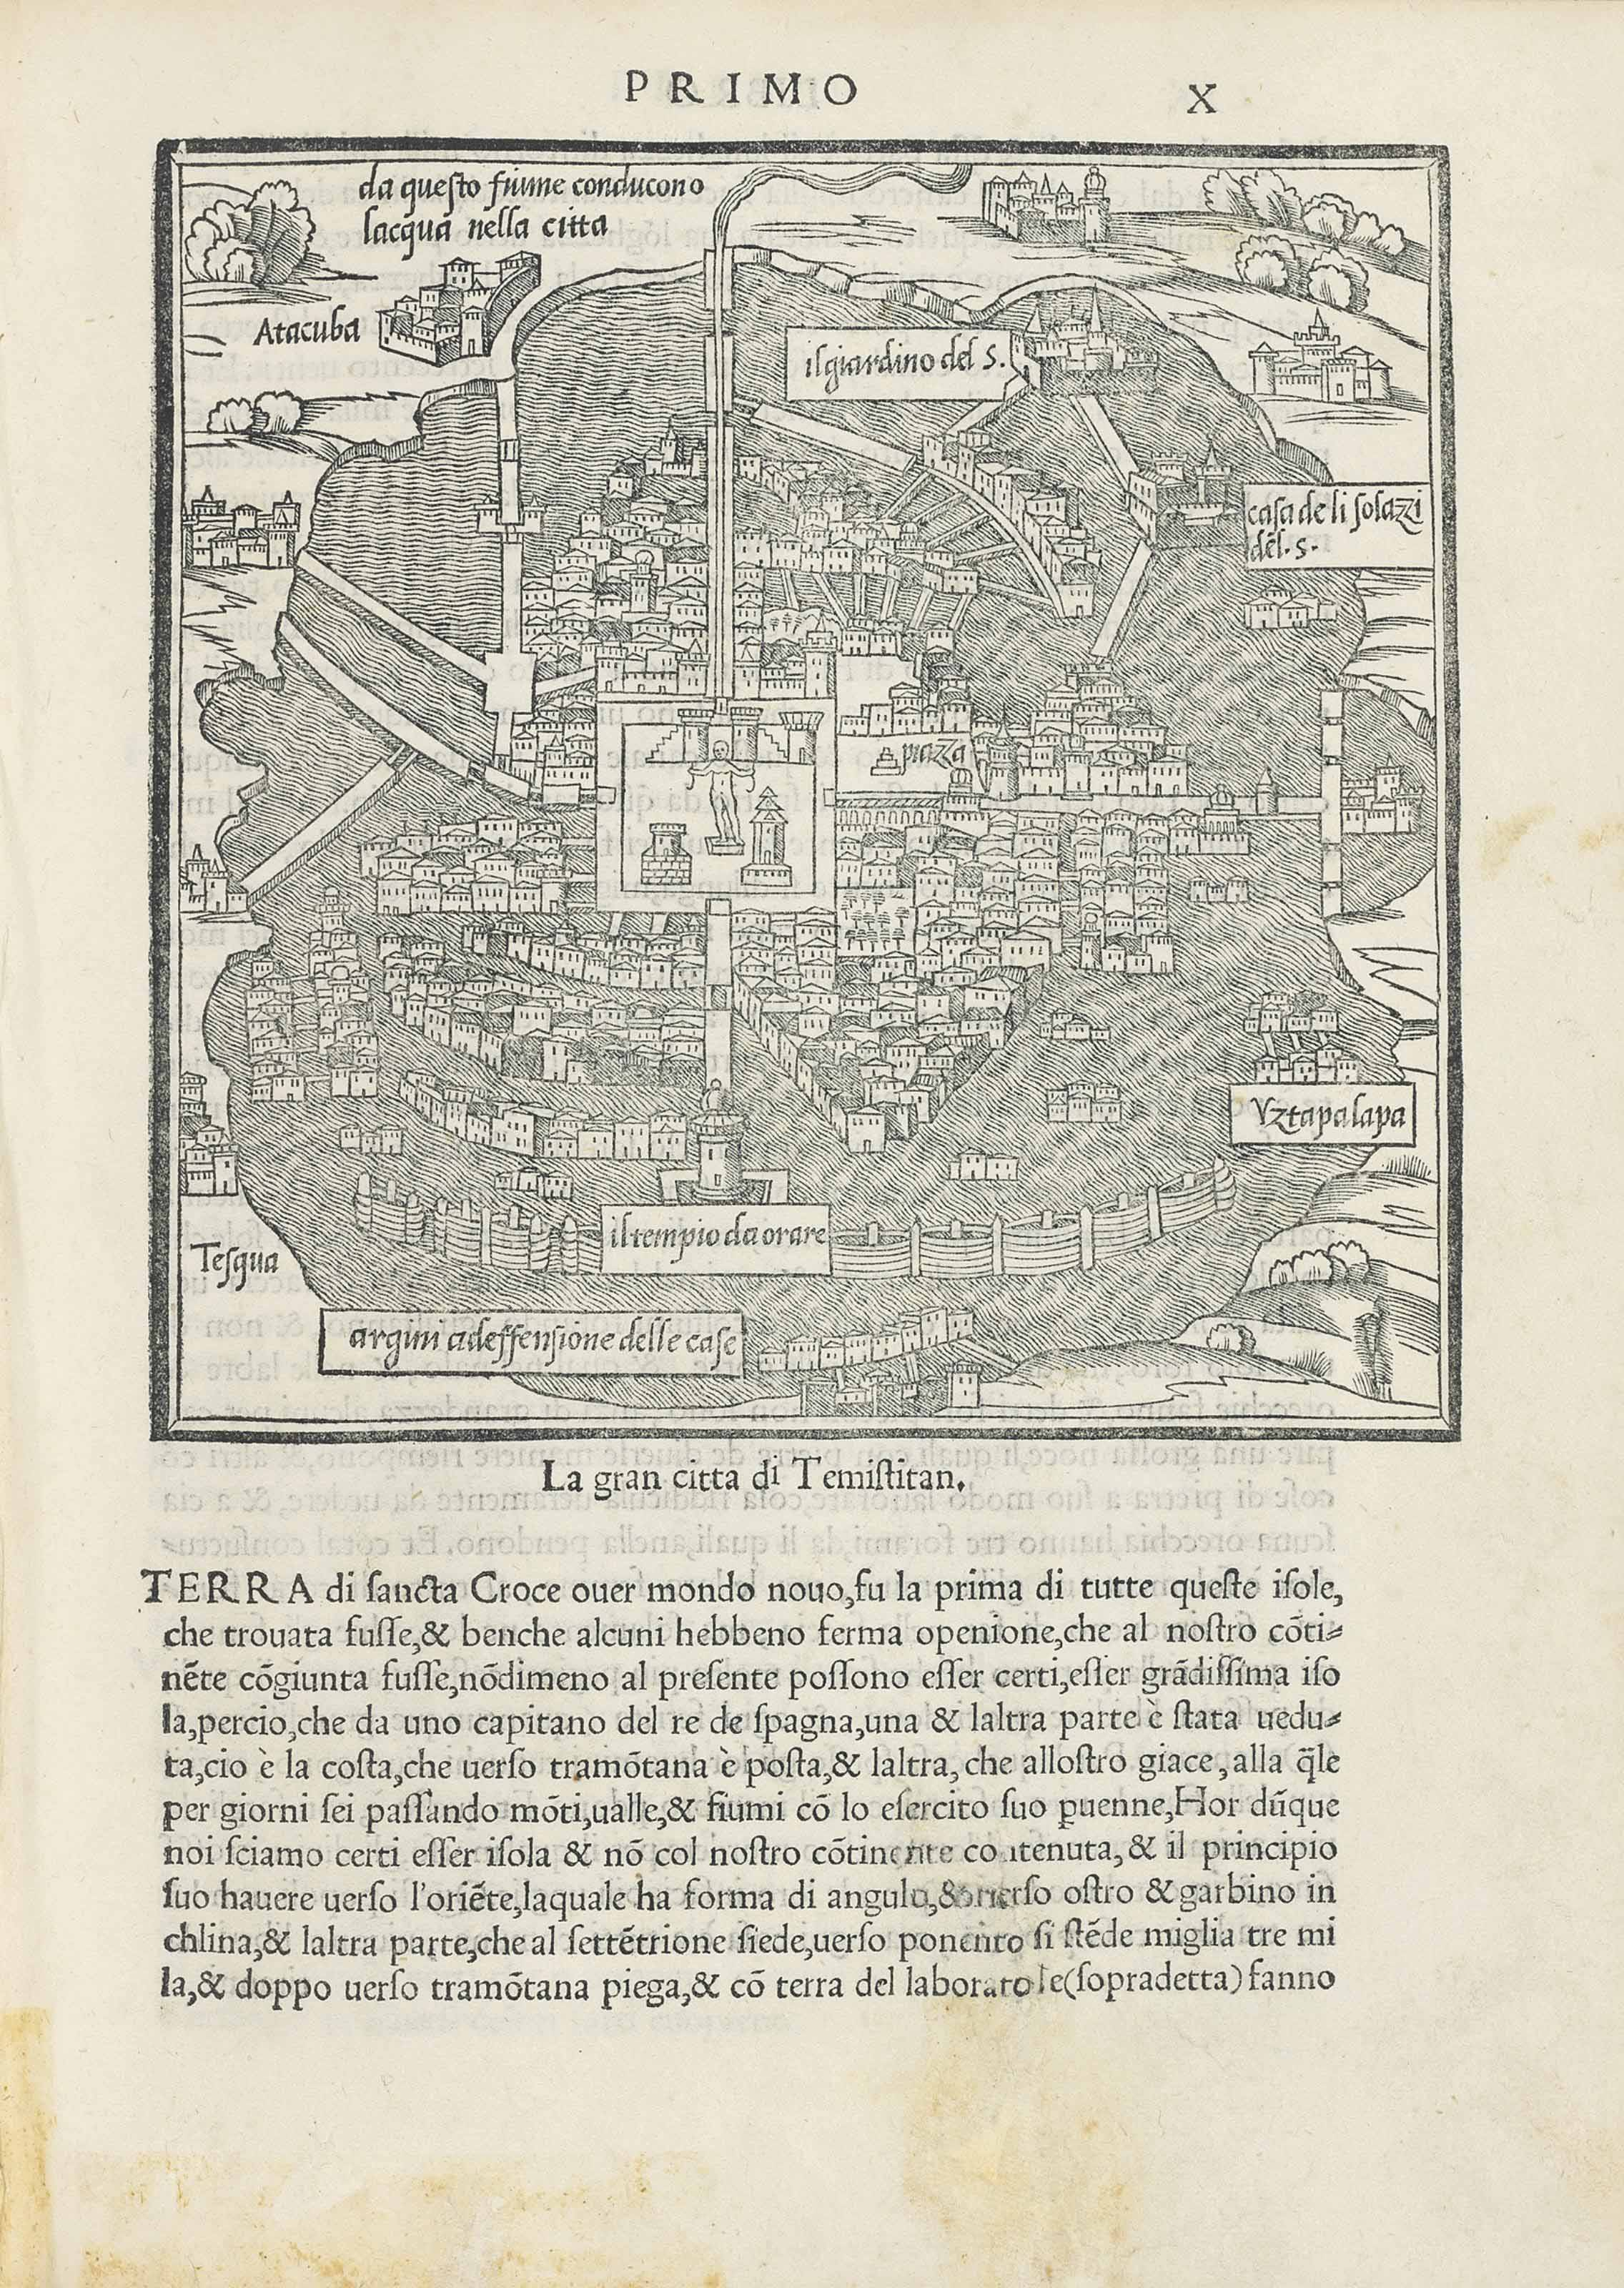 BORDONE, Benedetto (?1445-1531